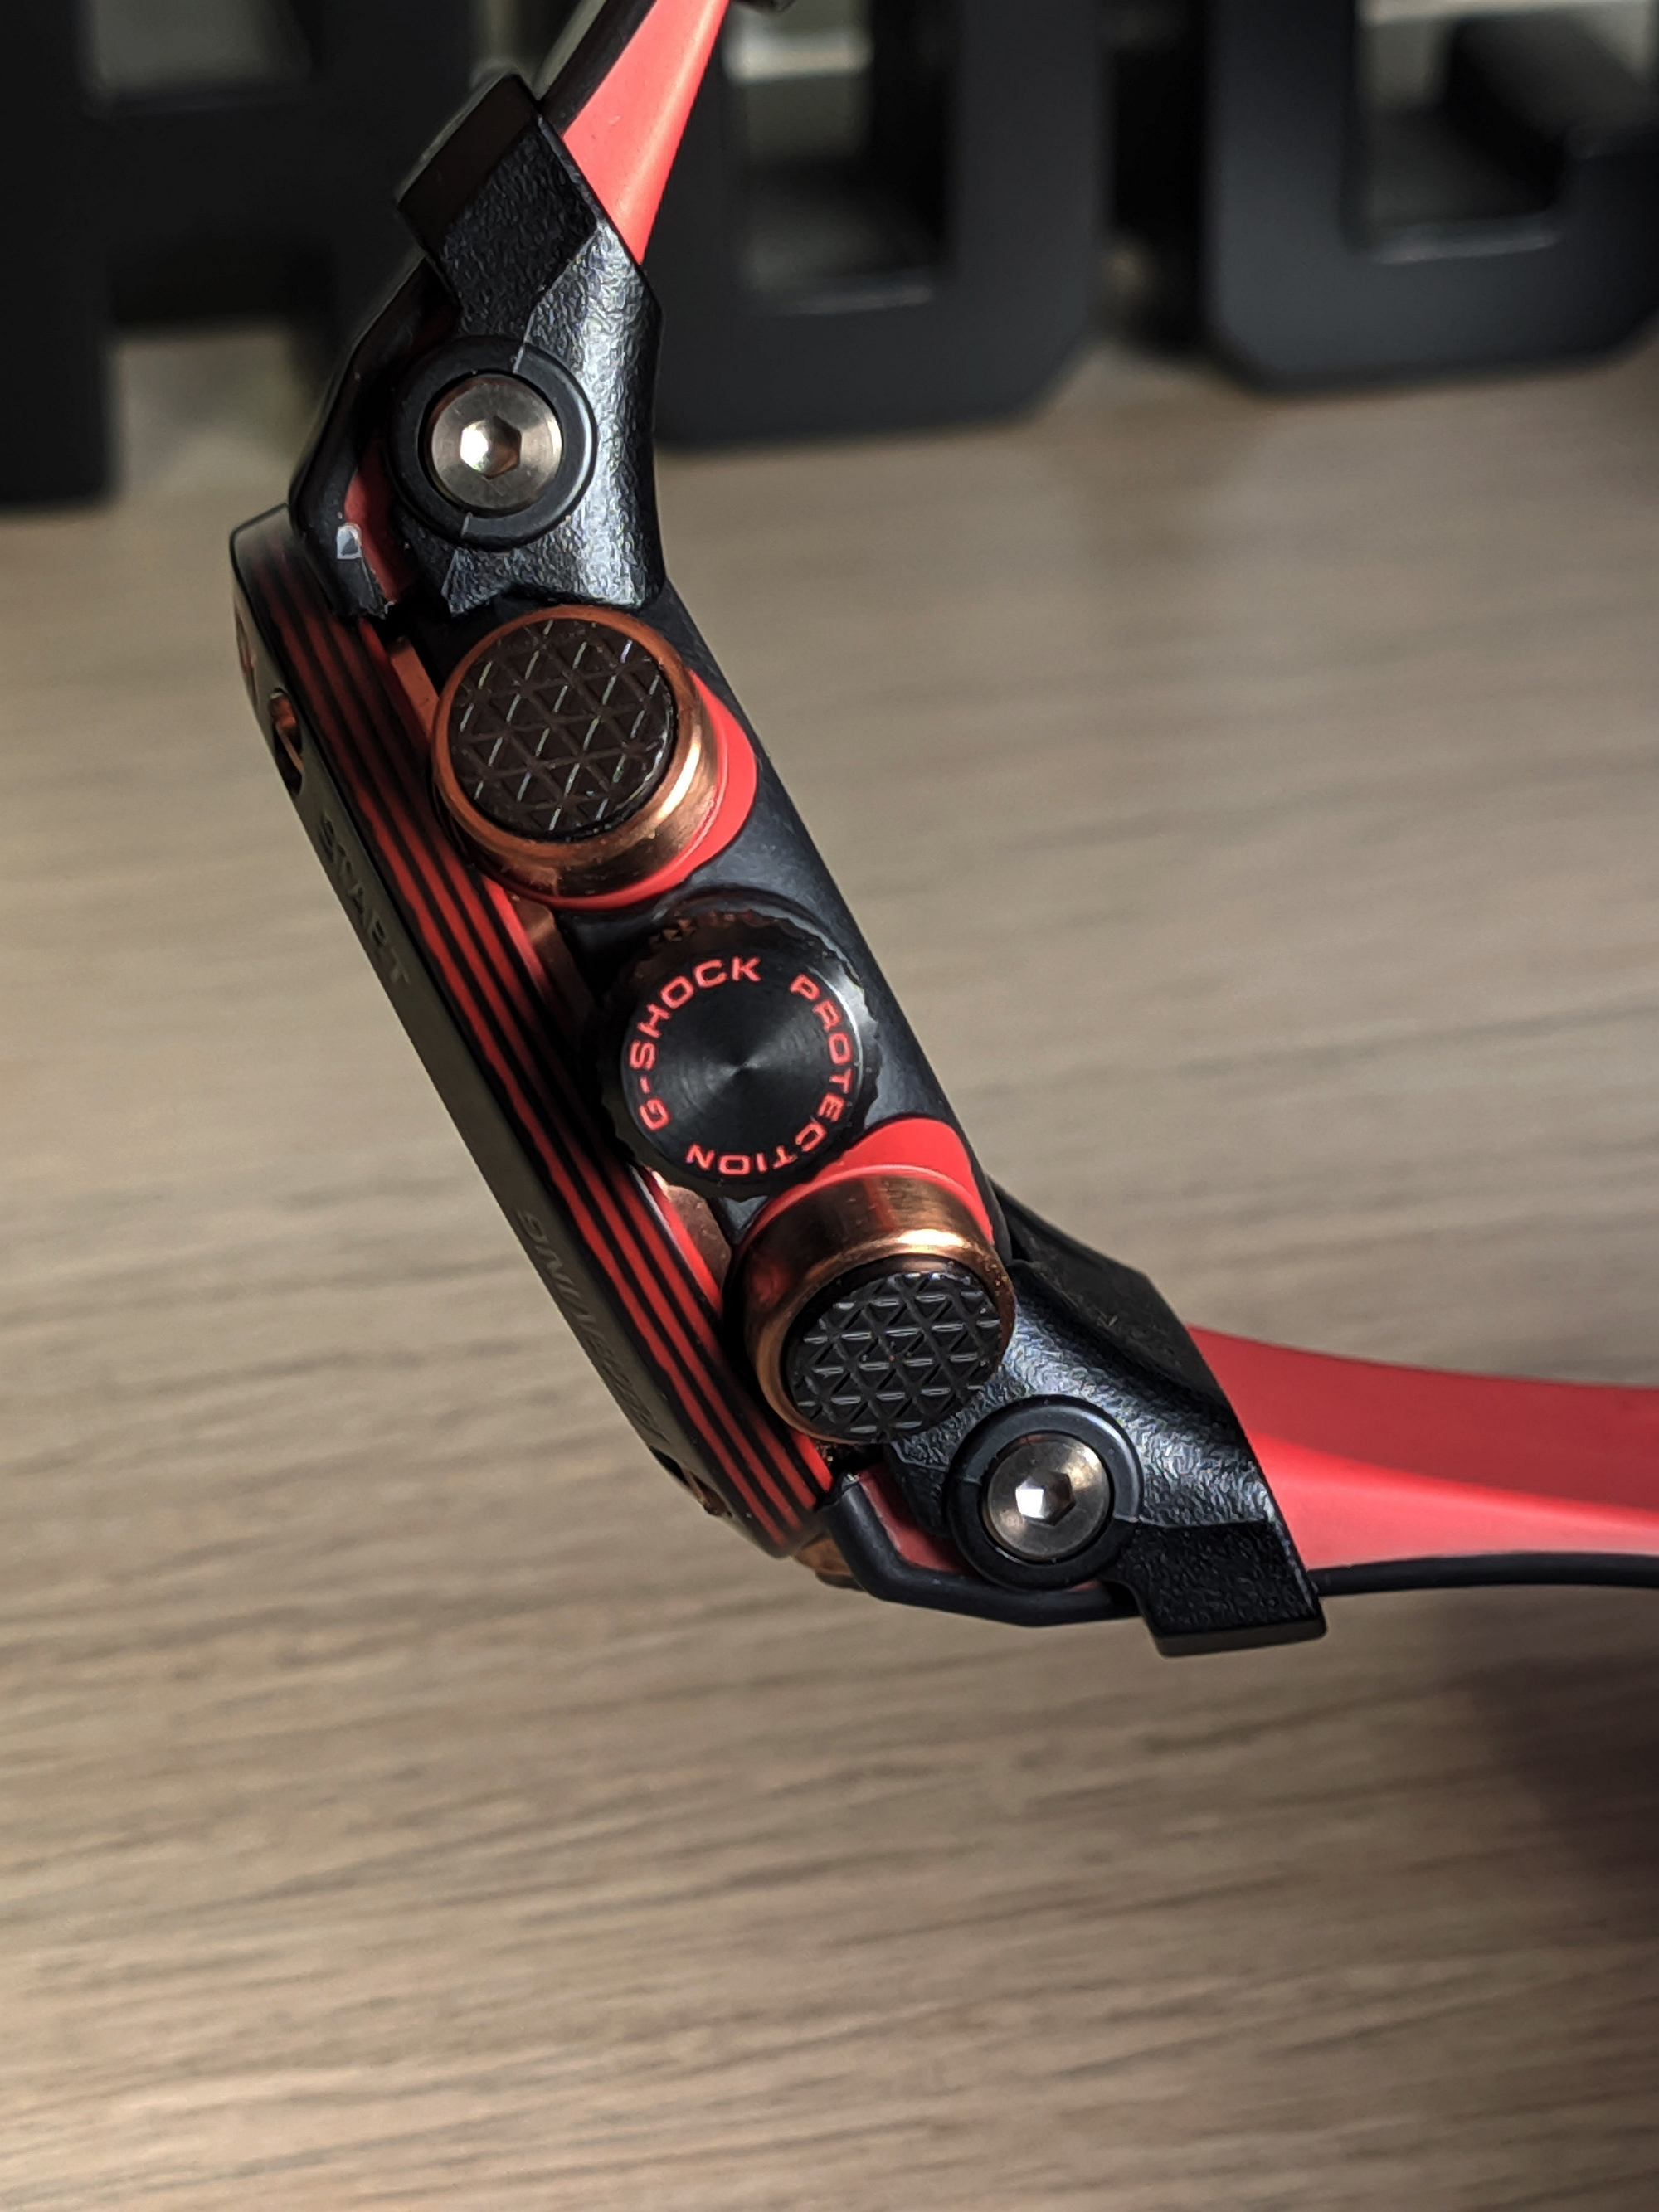 Gomb, csavar van bőven, ez egy G-Shock. Jól látszik a rétegezett szénszálas anyag, itt vörös-fekete.